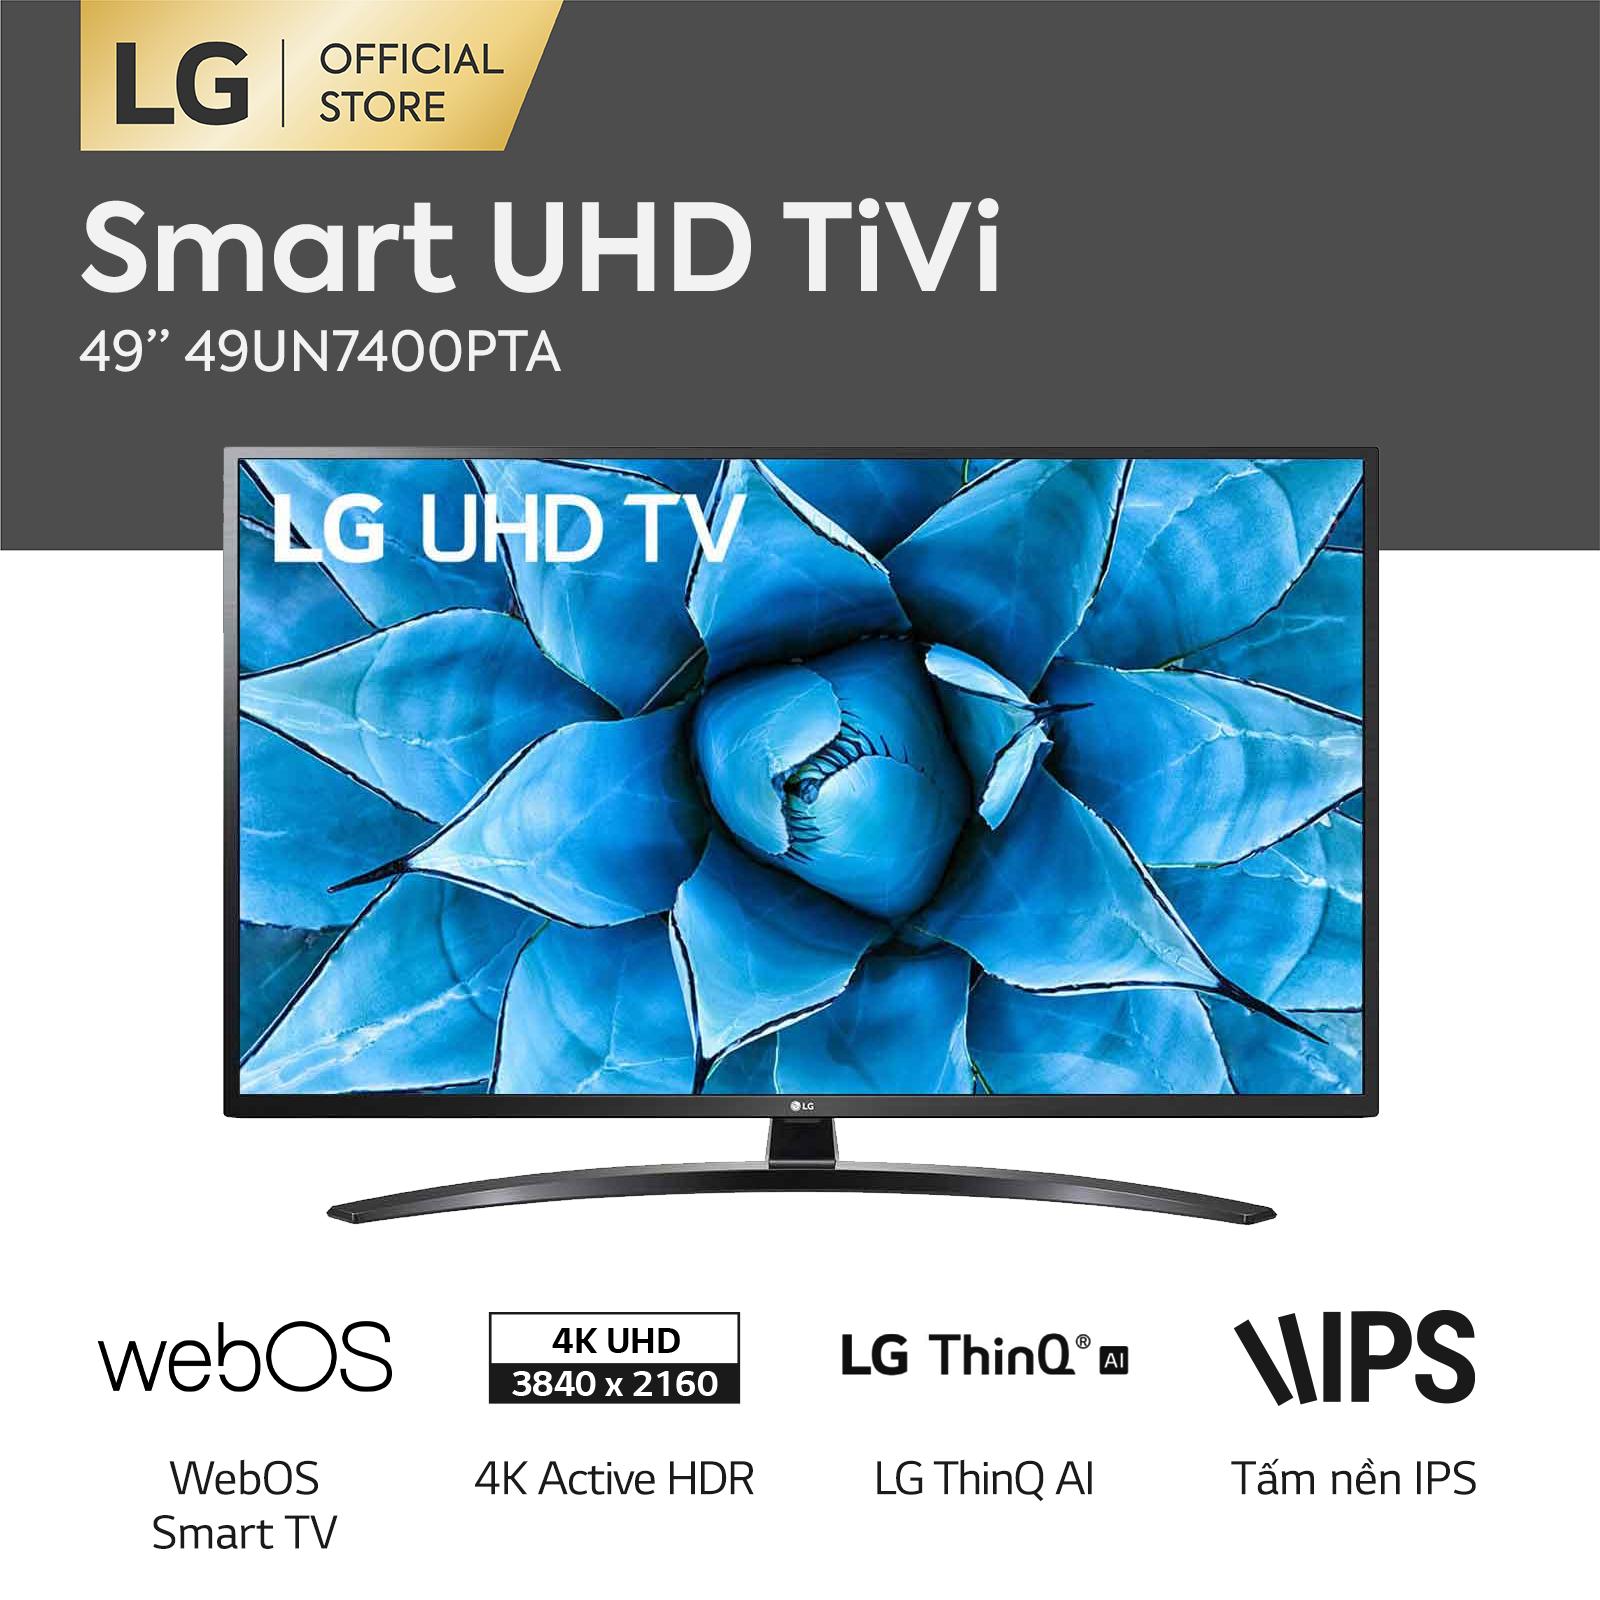 [FREESHIP 500K TOÀN QUỐC] Smart Tivi LG 49 inch 4K UHD 49UN7400PTA Model 2020 – Hãng phân phối chính thức